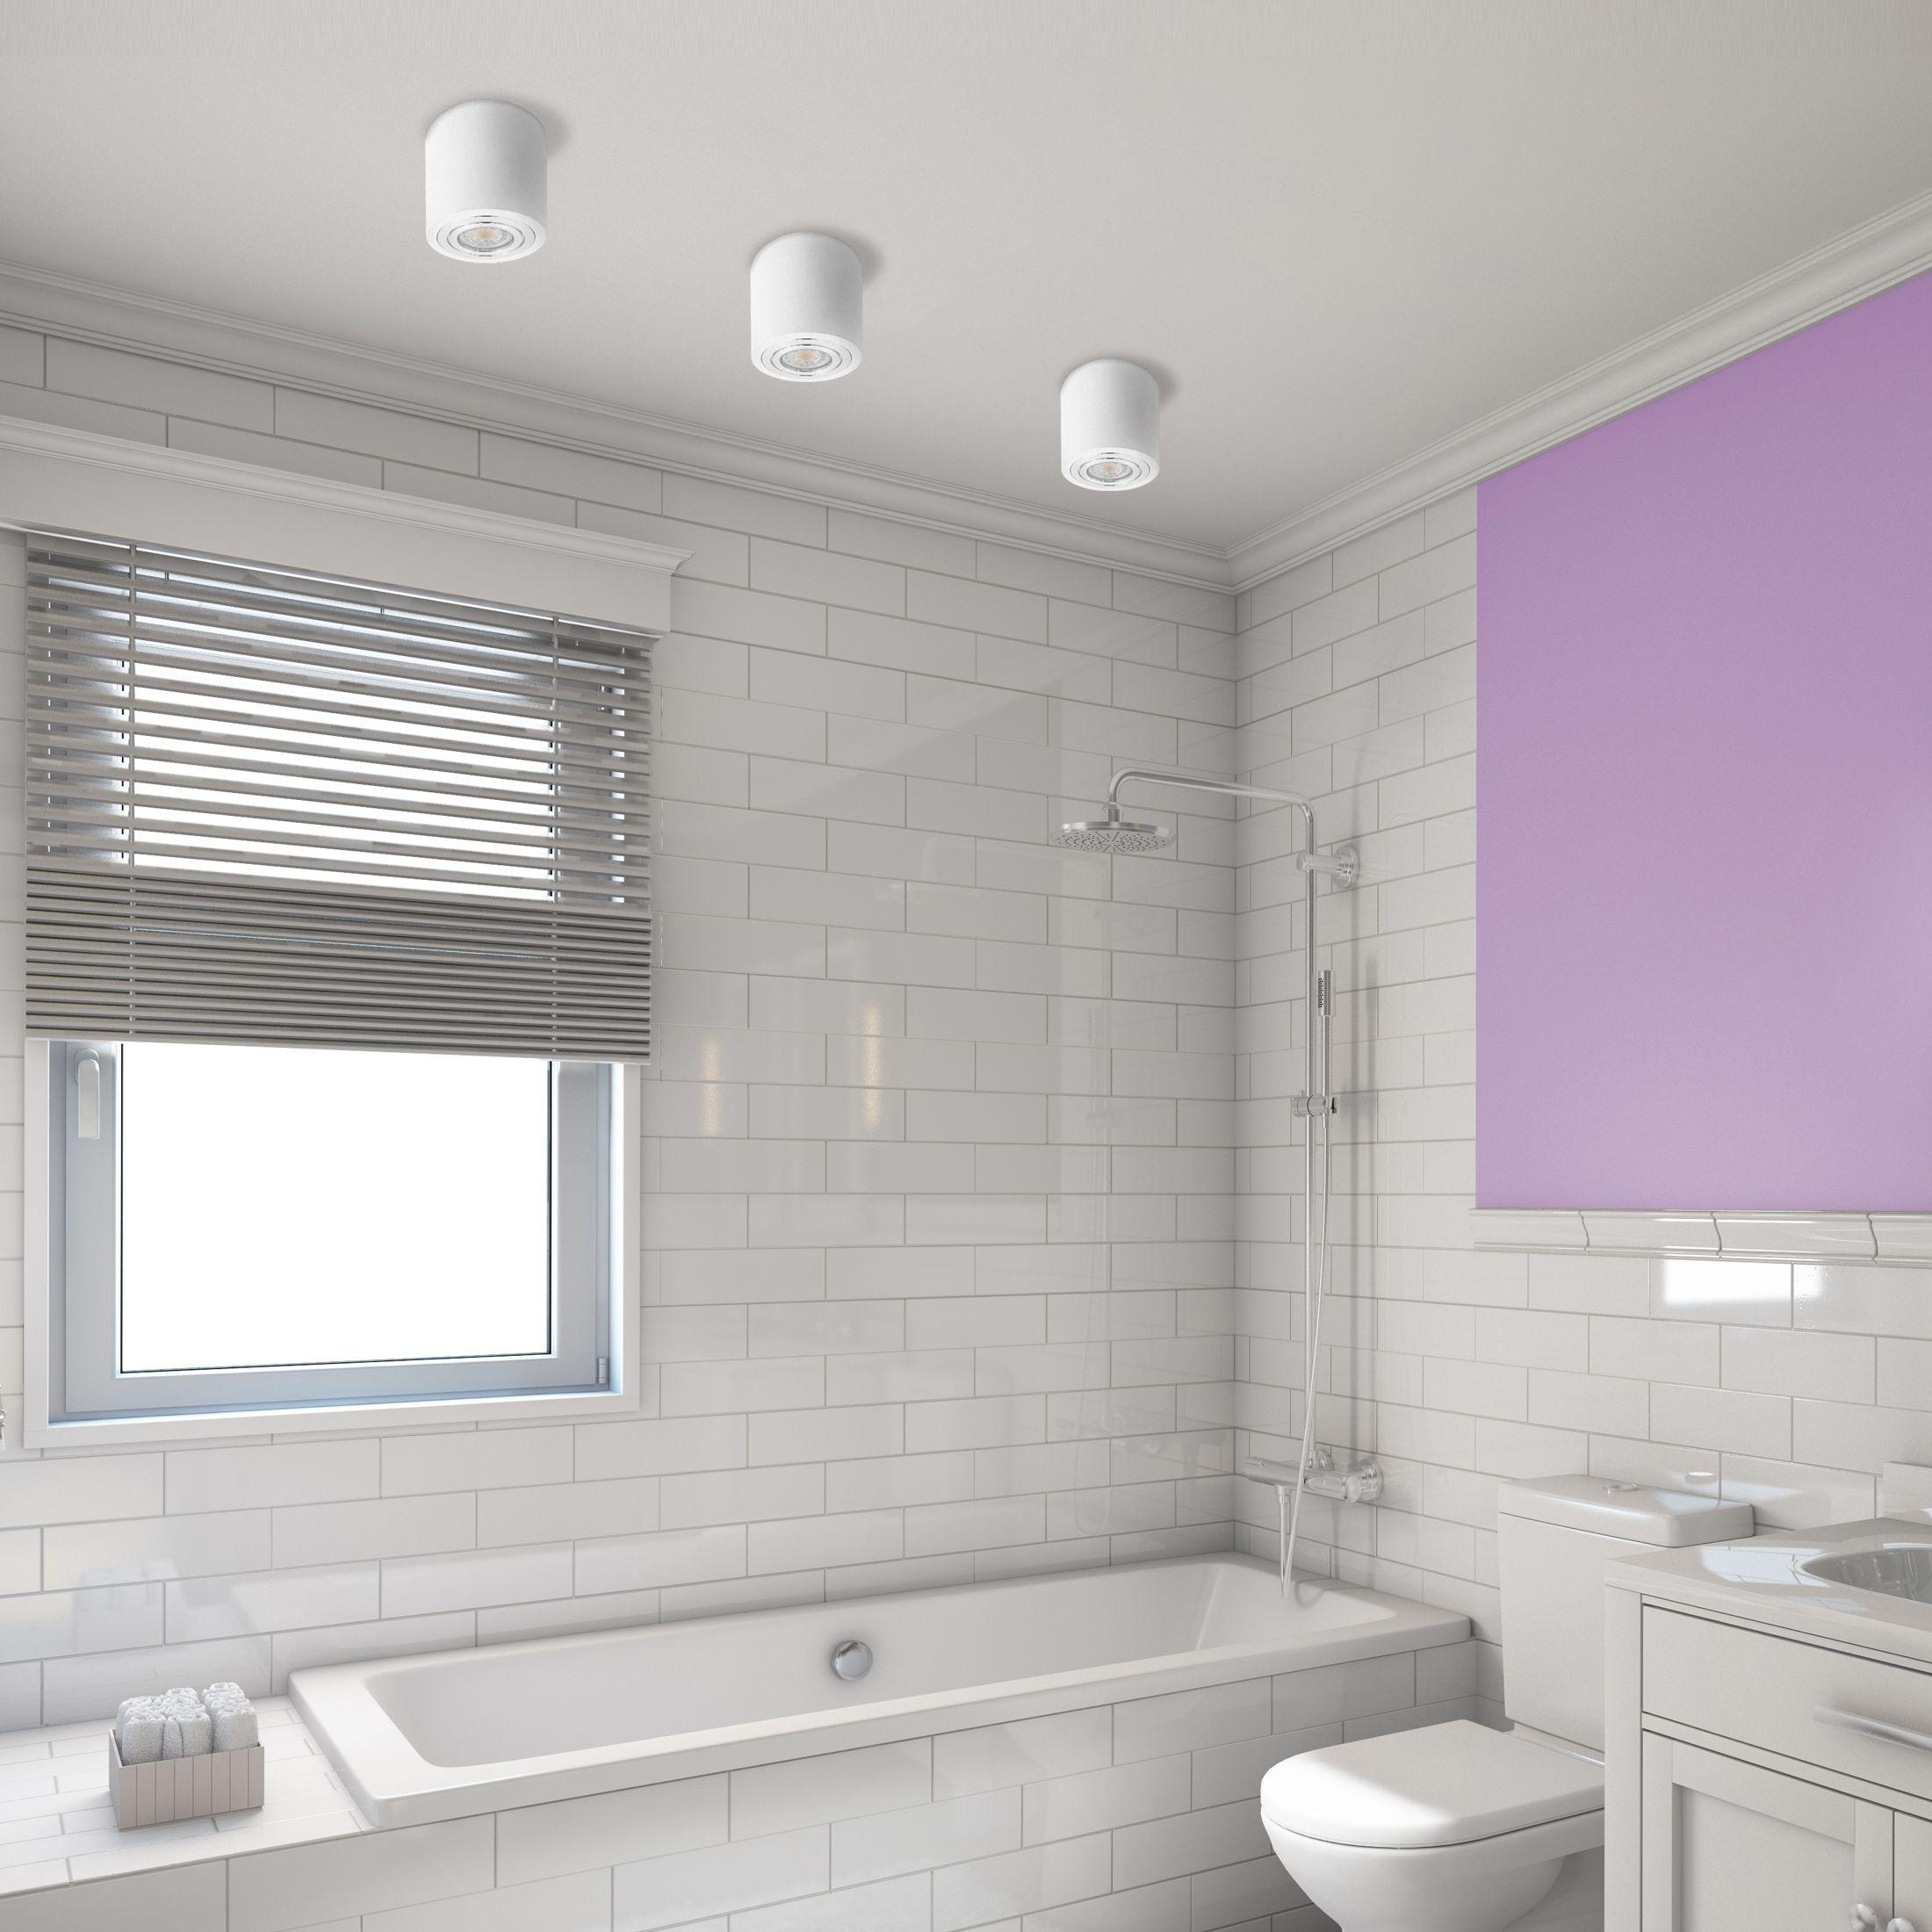 Led Deckenleuchte Bad Ip44 Inkl Led Gu10 6w Warmweiss Aufbauspot In Weiss Rund Led Deckenleuchte Bad Badbeleuchtung Deckenleuchte Bad